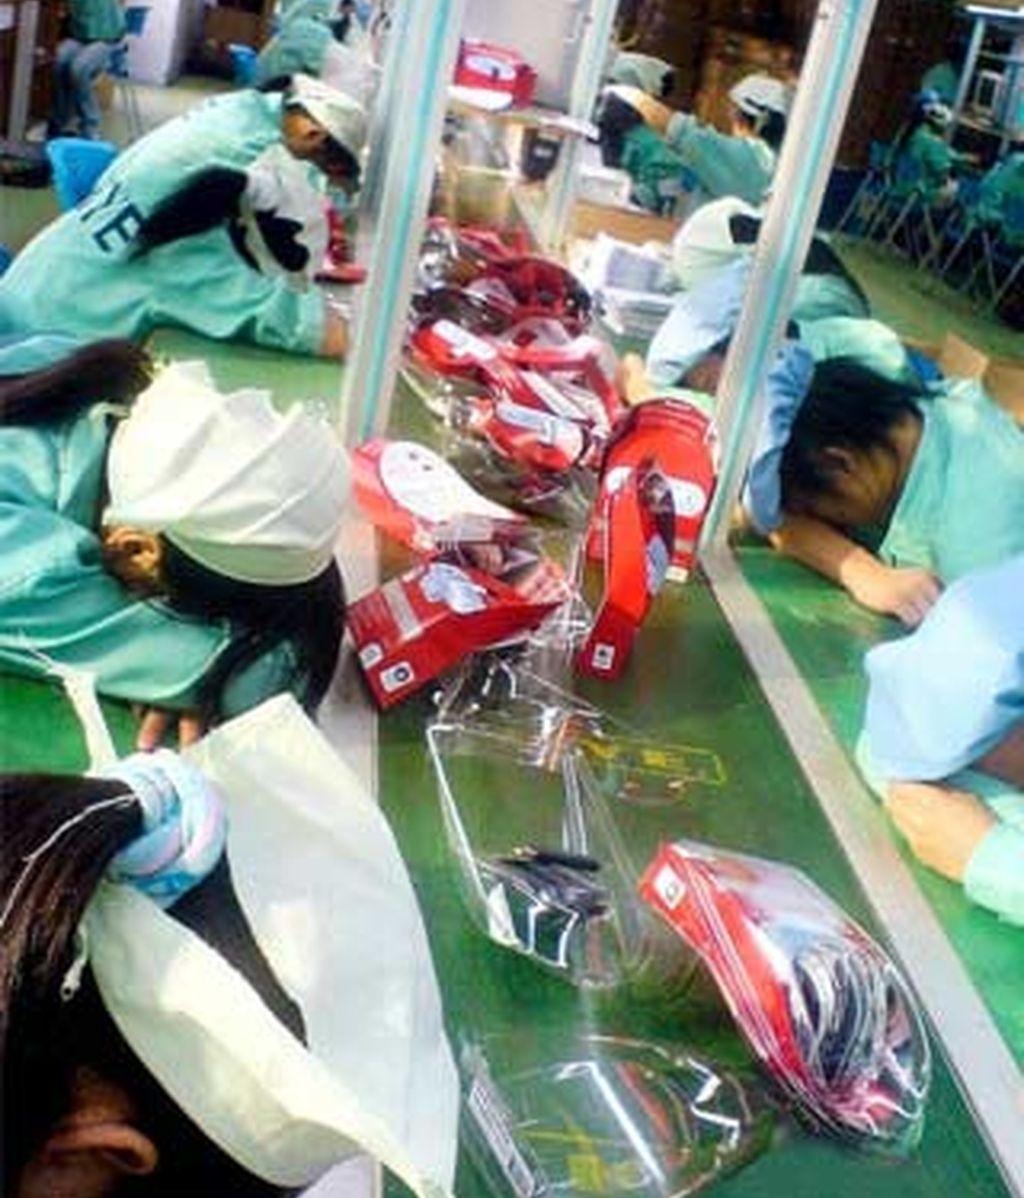 Imagen conseguida por la NLC de trabajadores chinos dormidos sobre sus mesas de trabajo. Foto: The Daily Mail